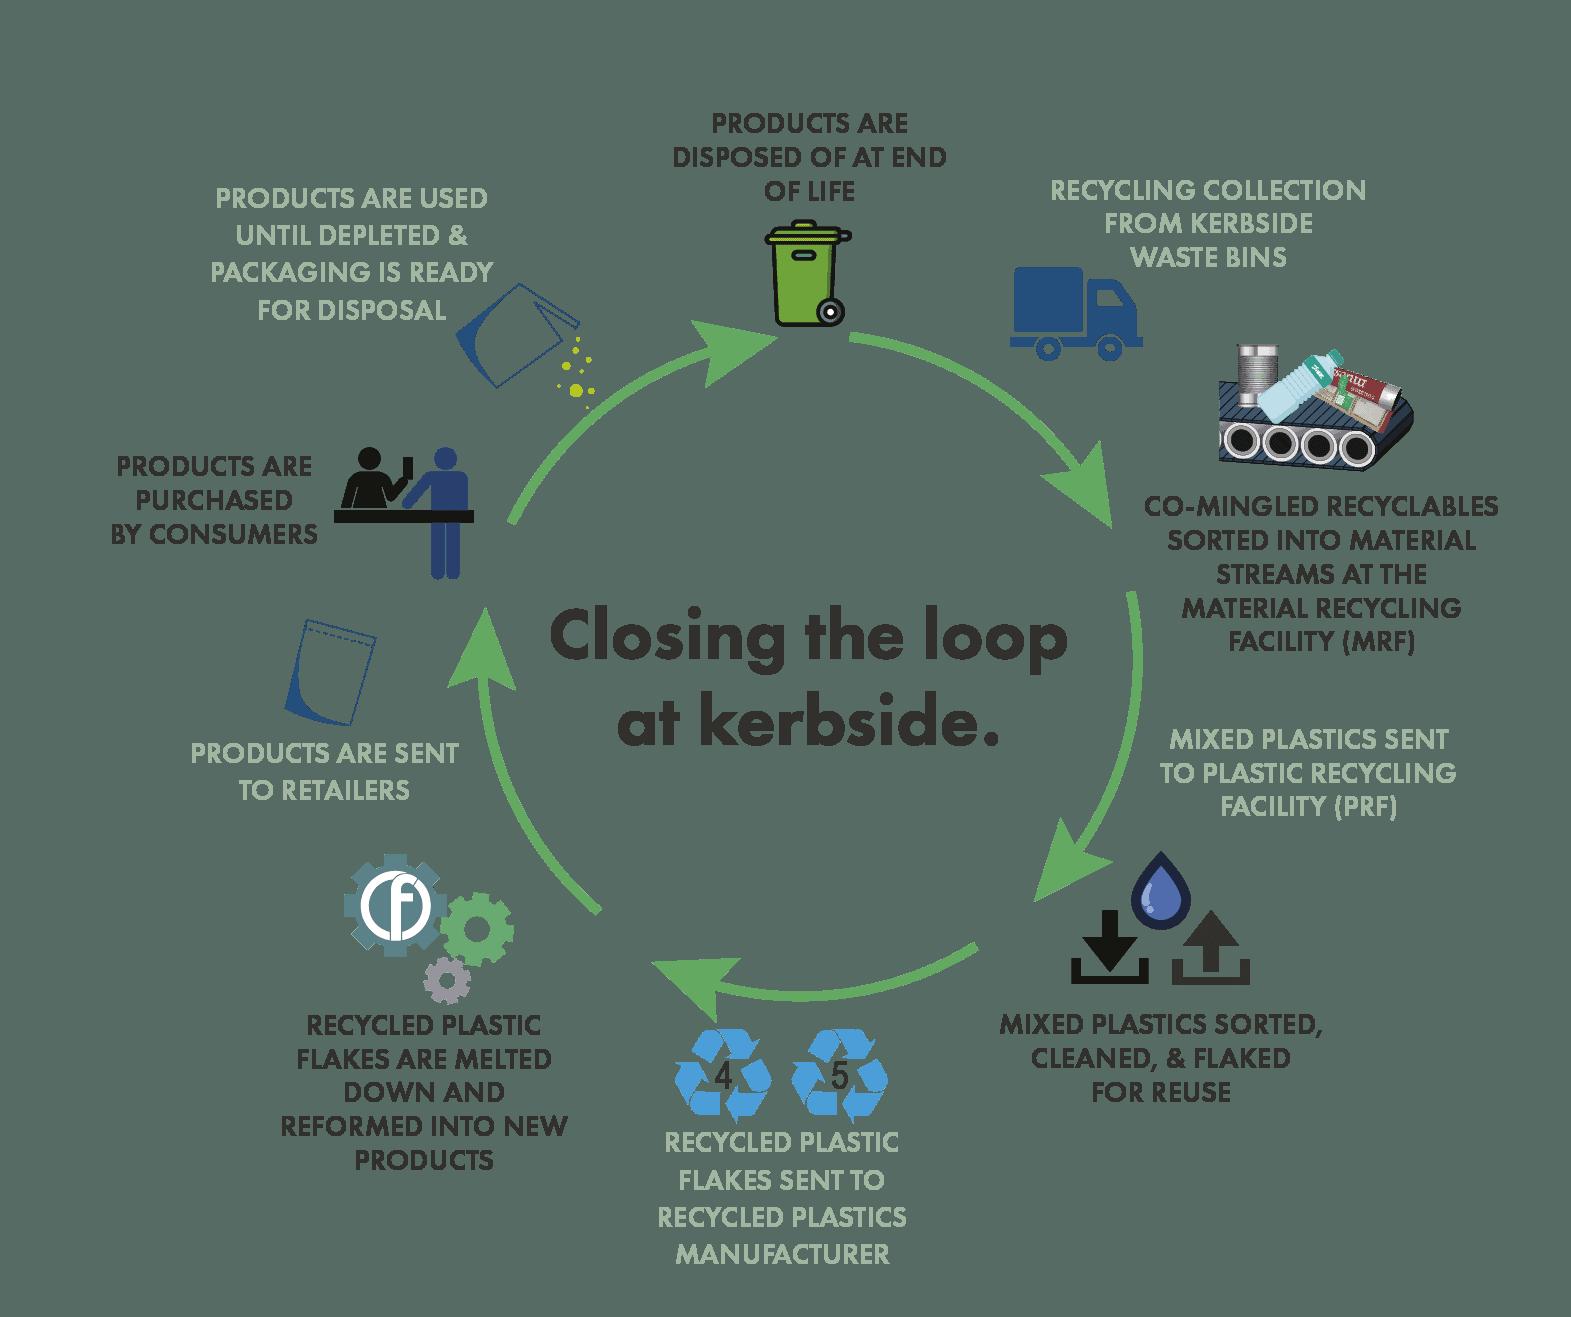 Updated Loop Image 02